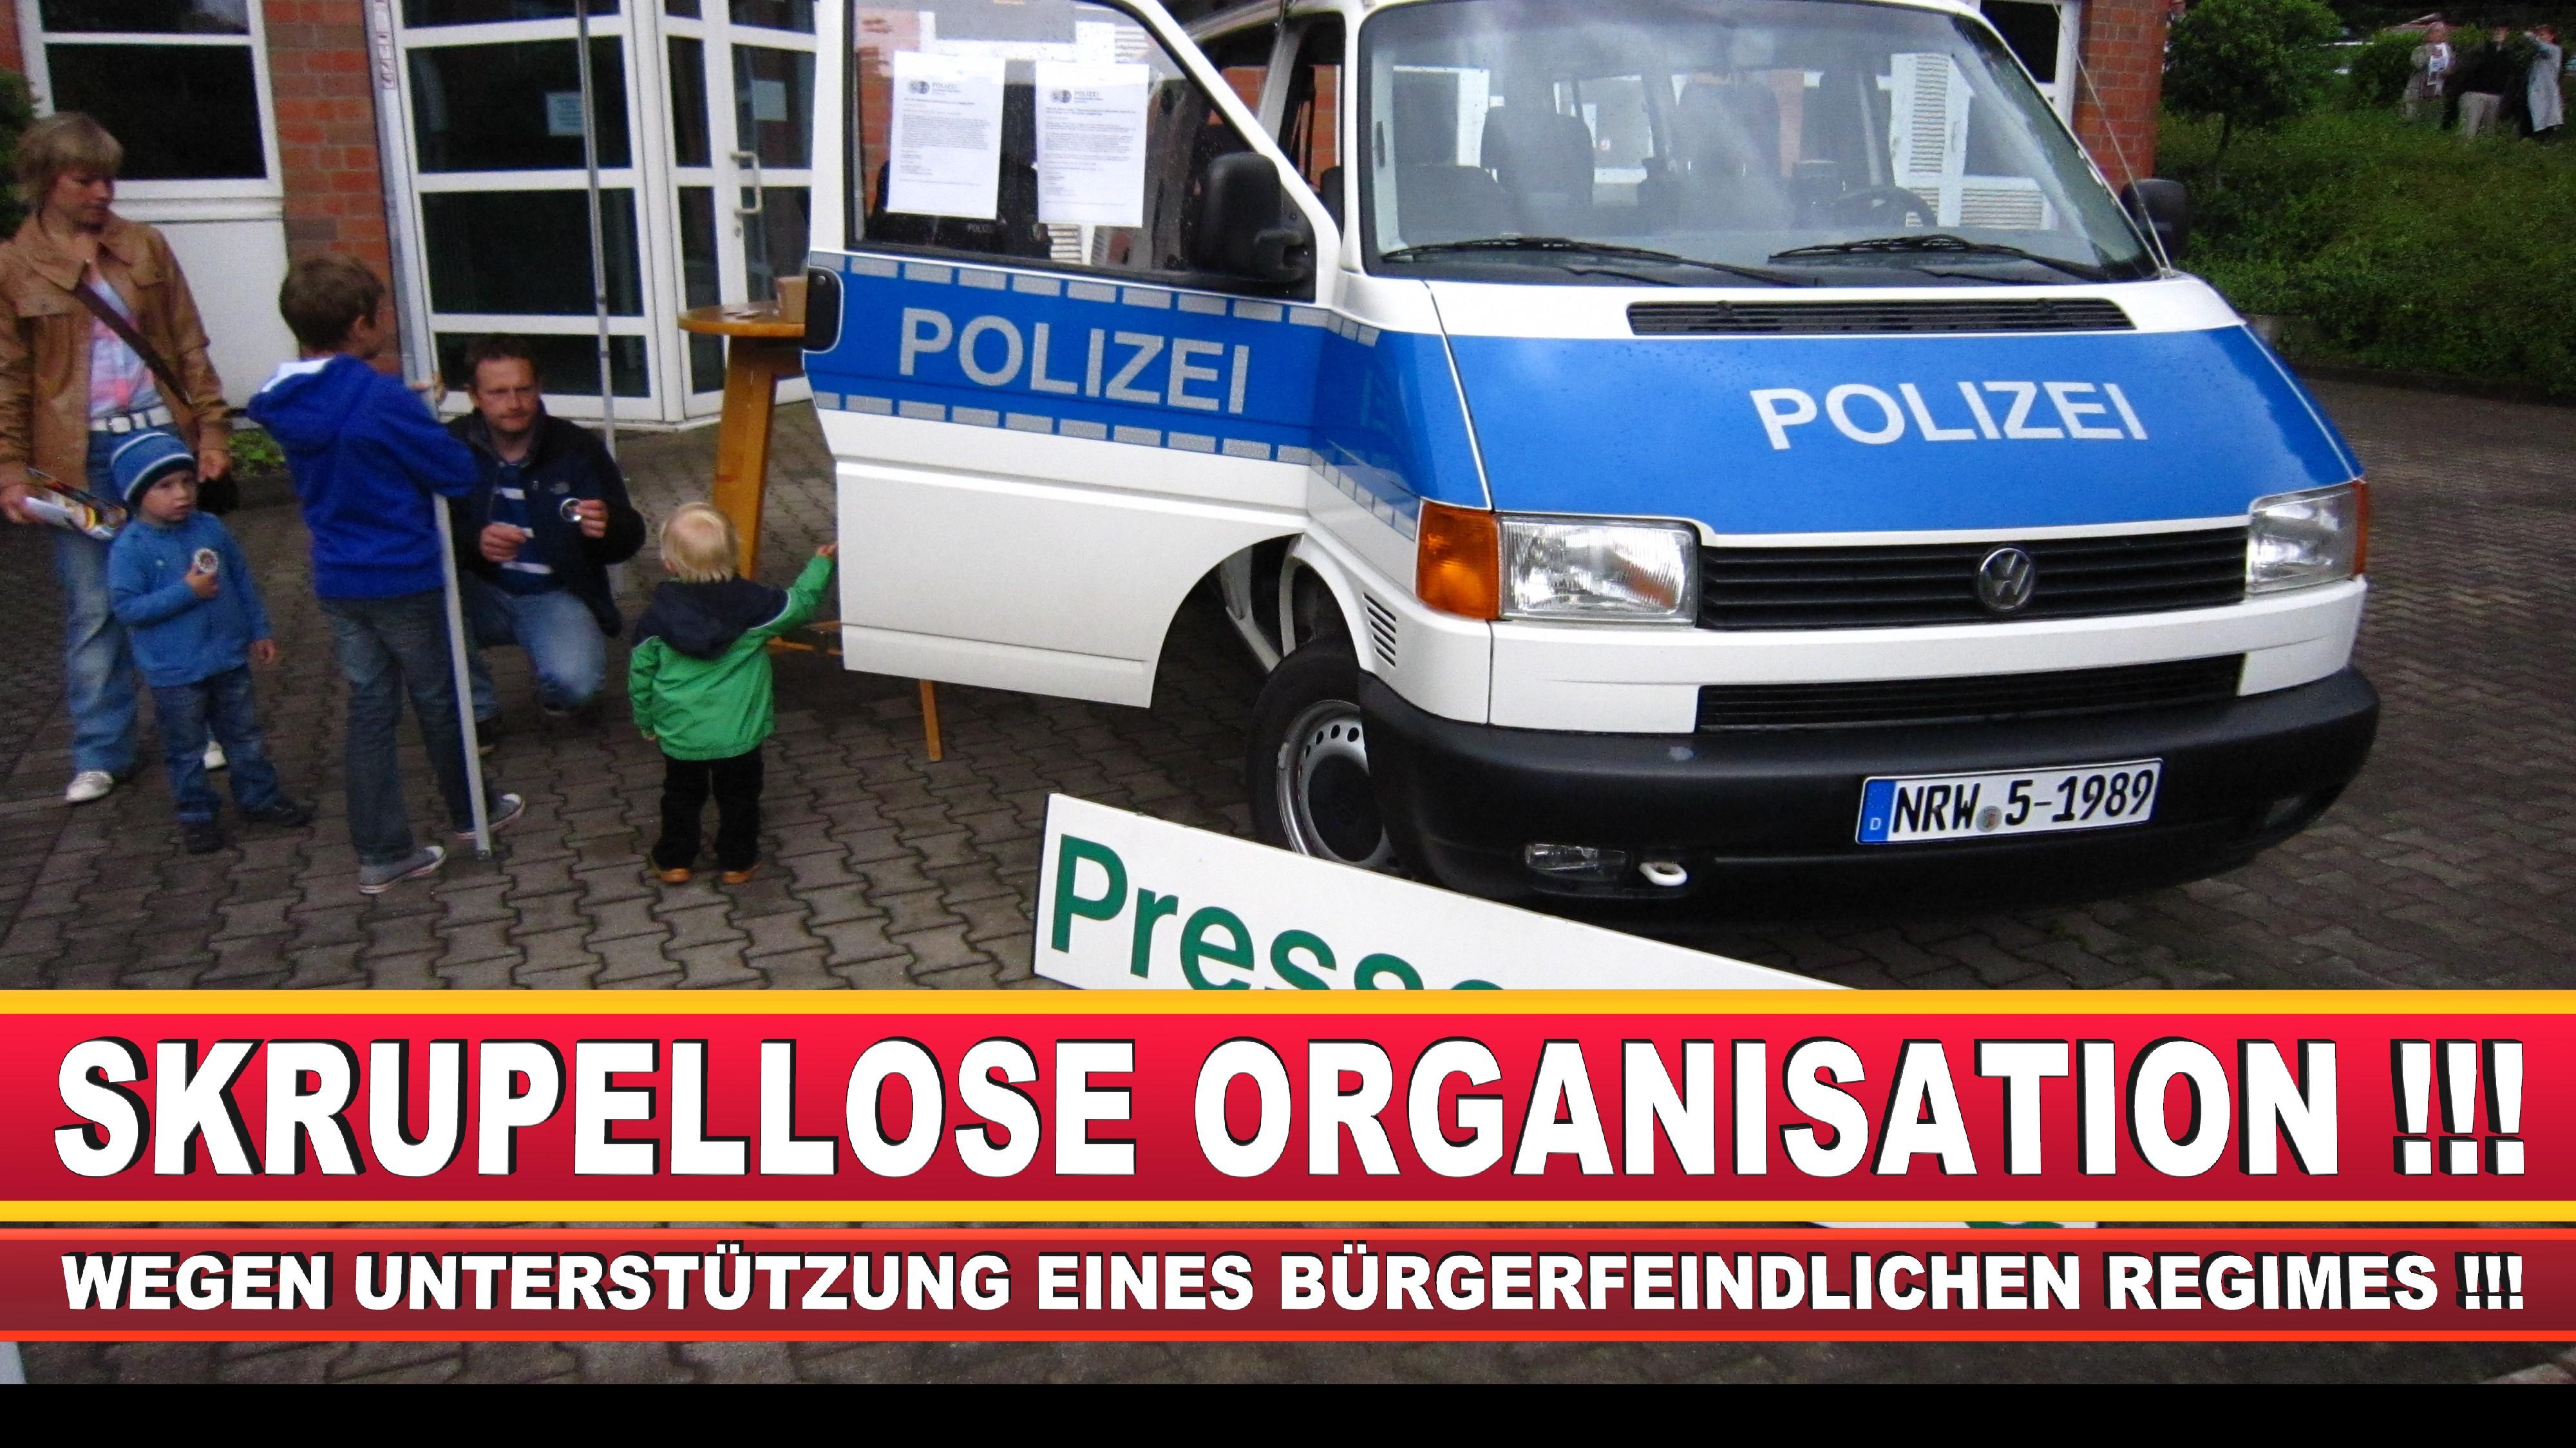 Polizeipräsidentin Katharina Giere Polizei Bielefeld NRW Erwin Südfeld Horst Kruse Polizeiuniform Polizeigewalt DEMONSTRATION Bahnhof (10)